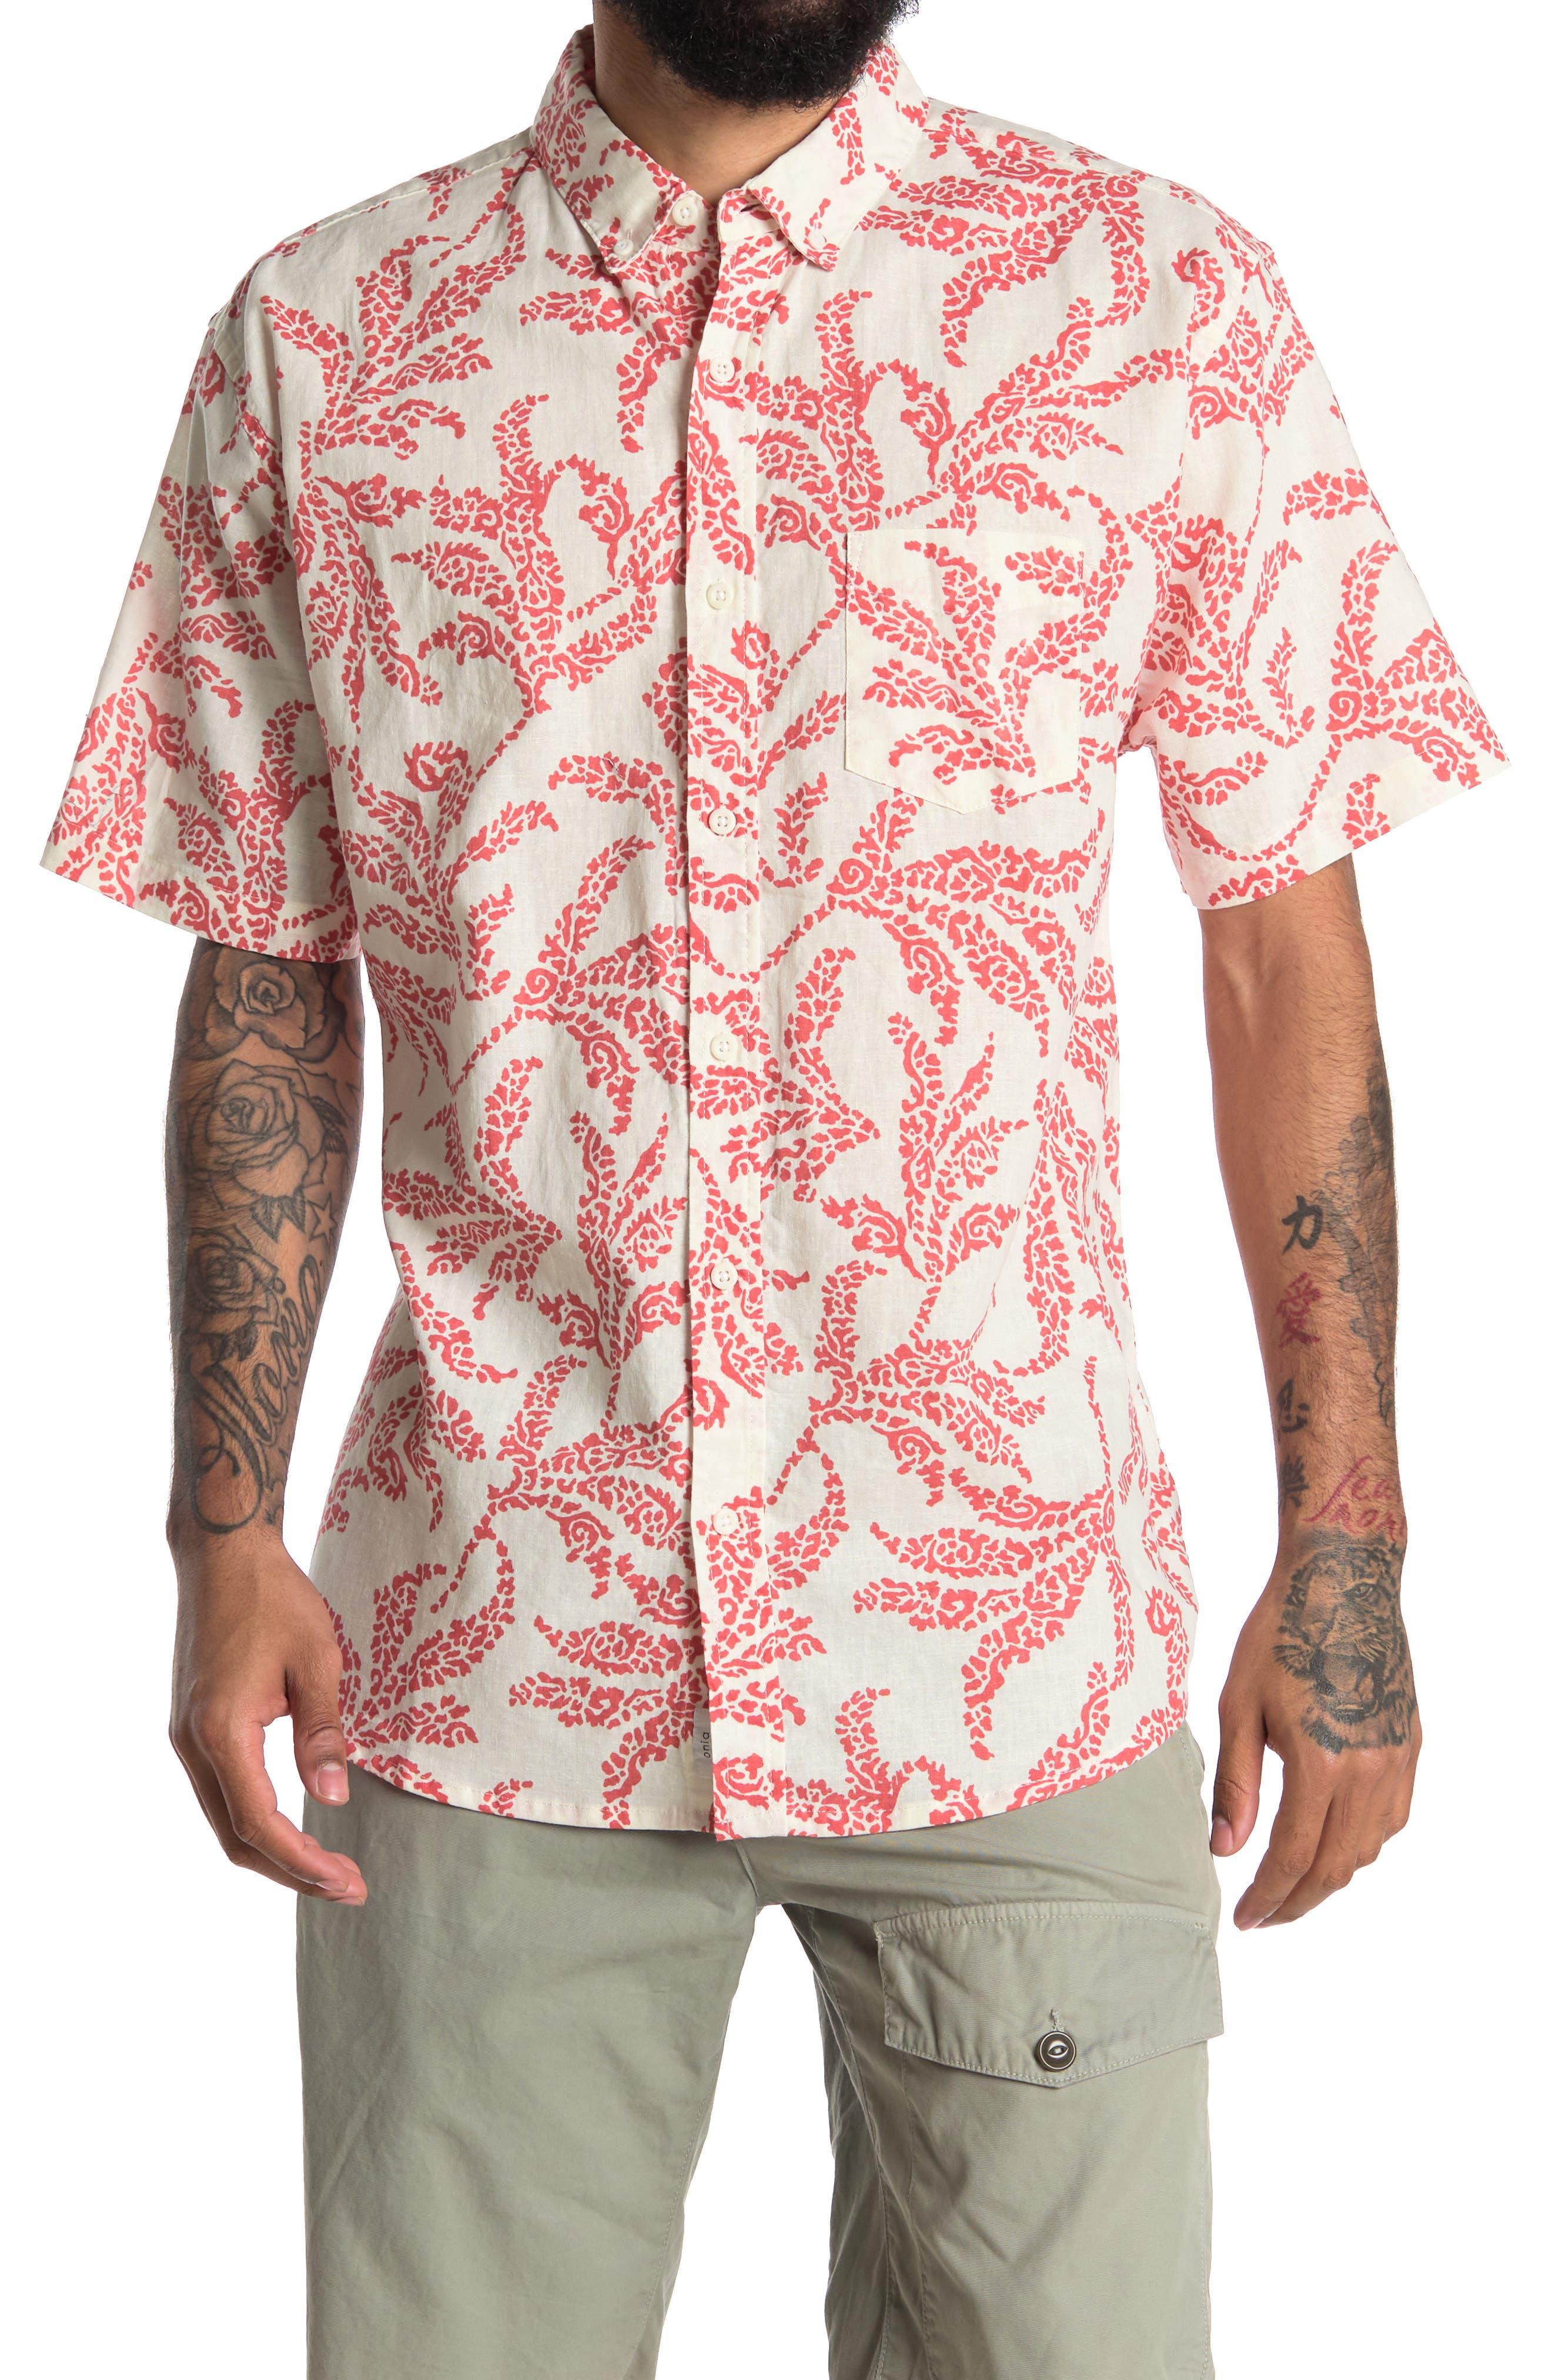 Image of Onia Jack Short Sleeve Shirt